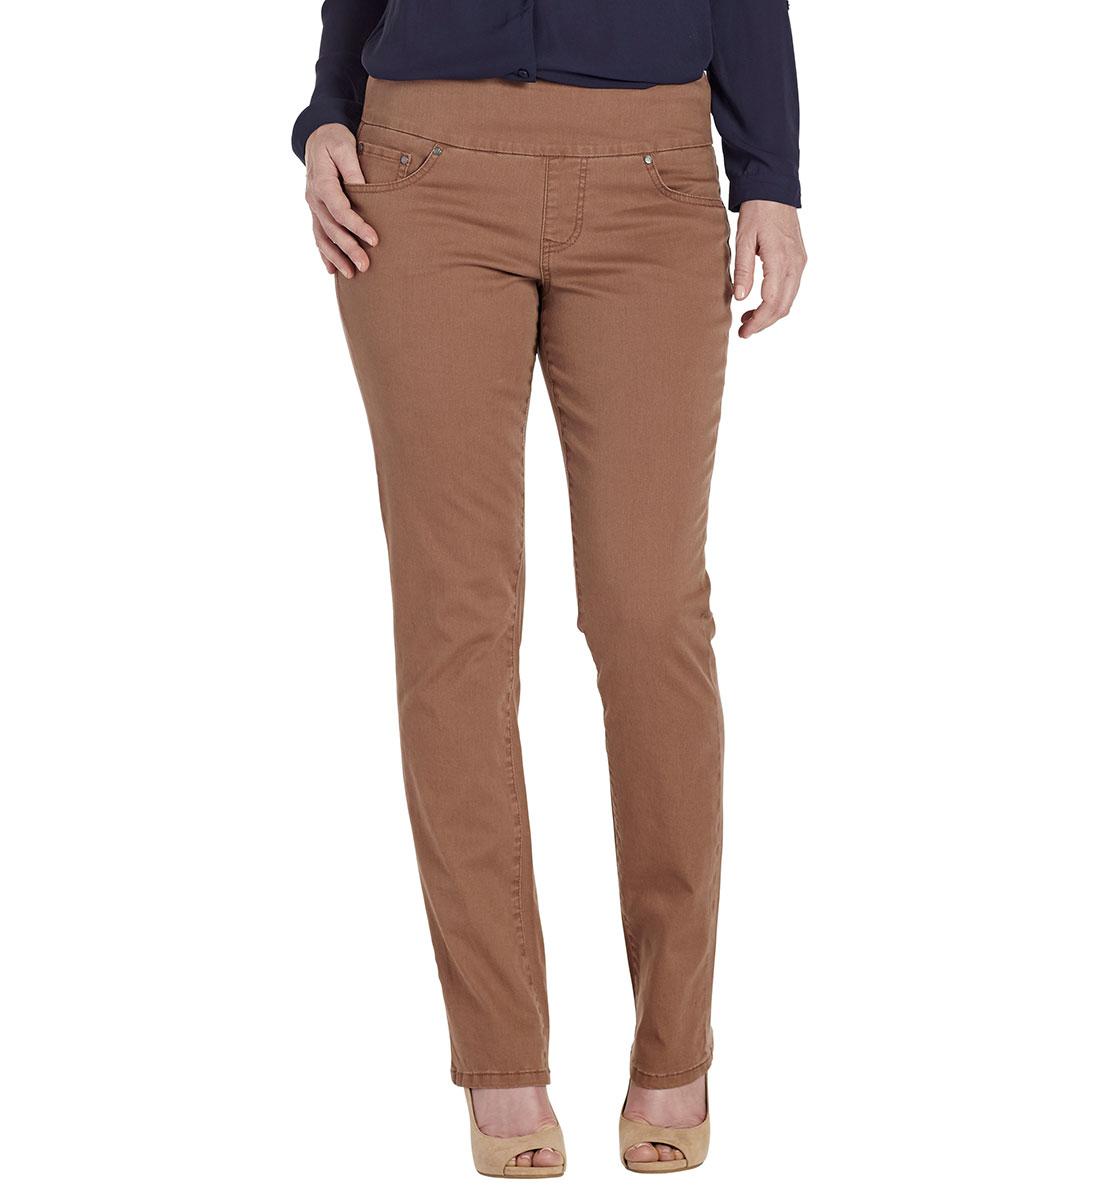 ff361b474df05 Peri Straight Leg Pants